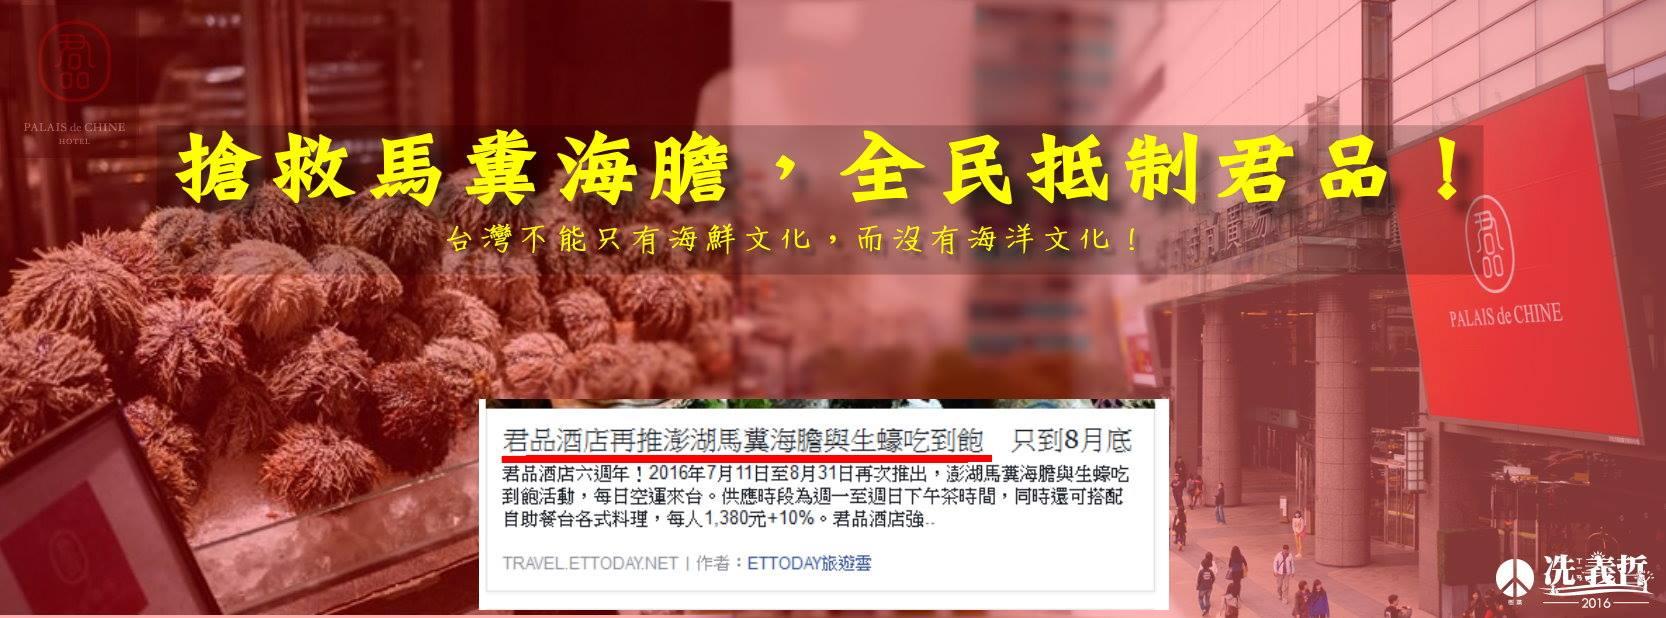 2016-07-11-樹黨-搶救馬糞海膽-取自搶救馬糞海膽專頁